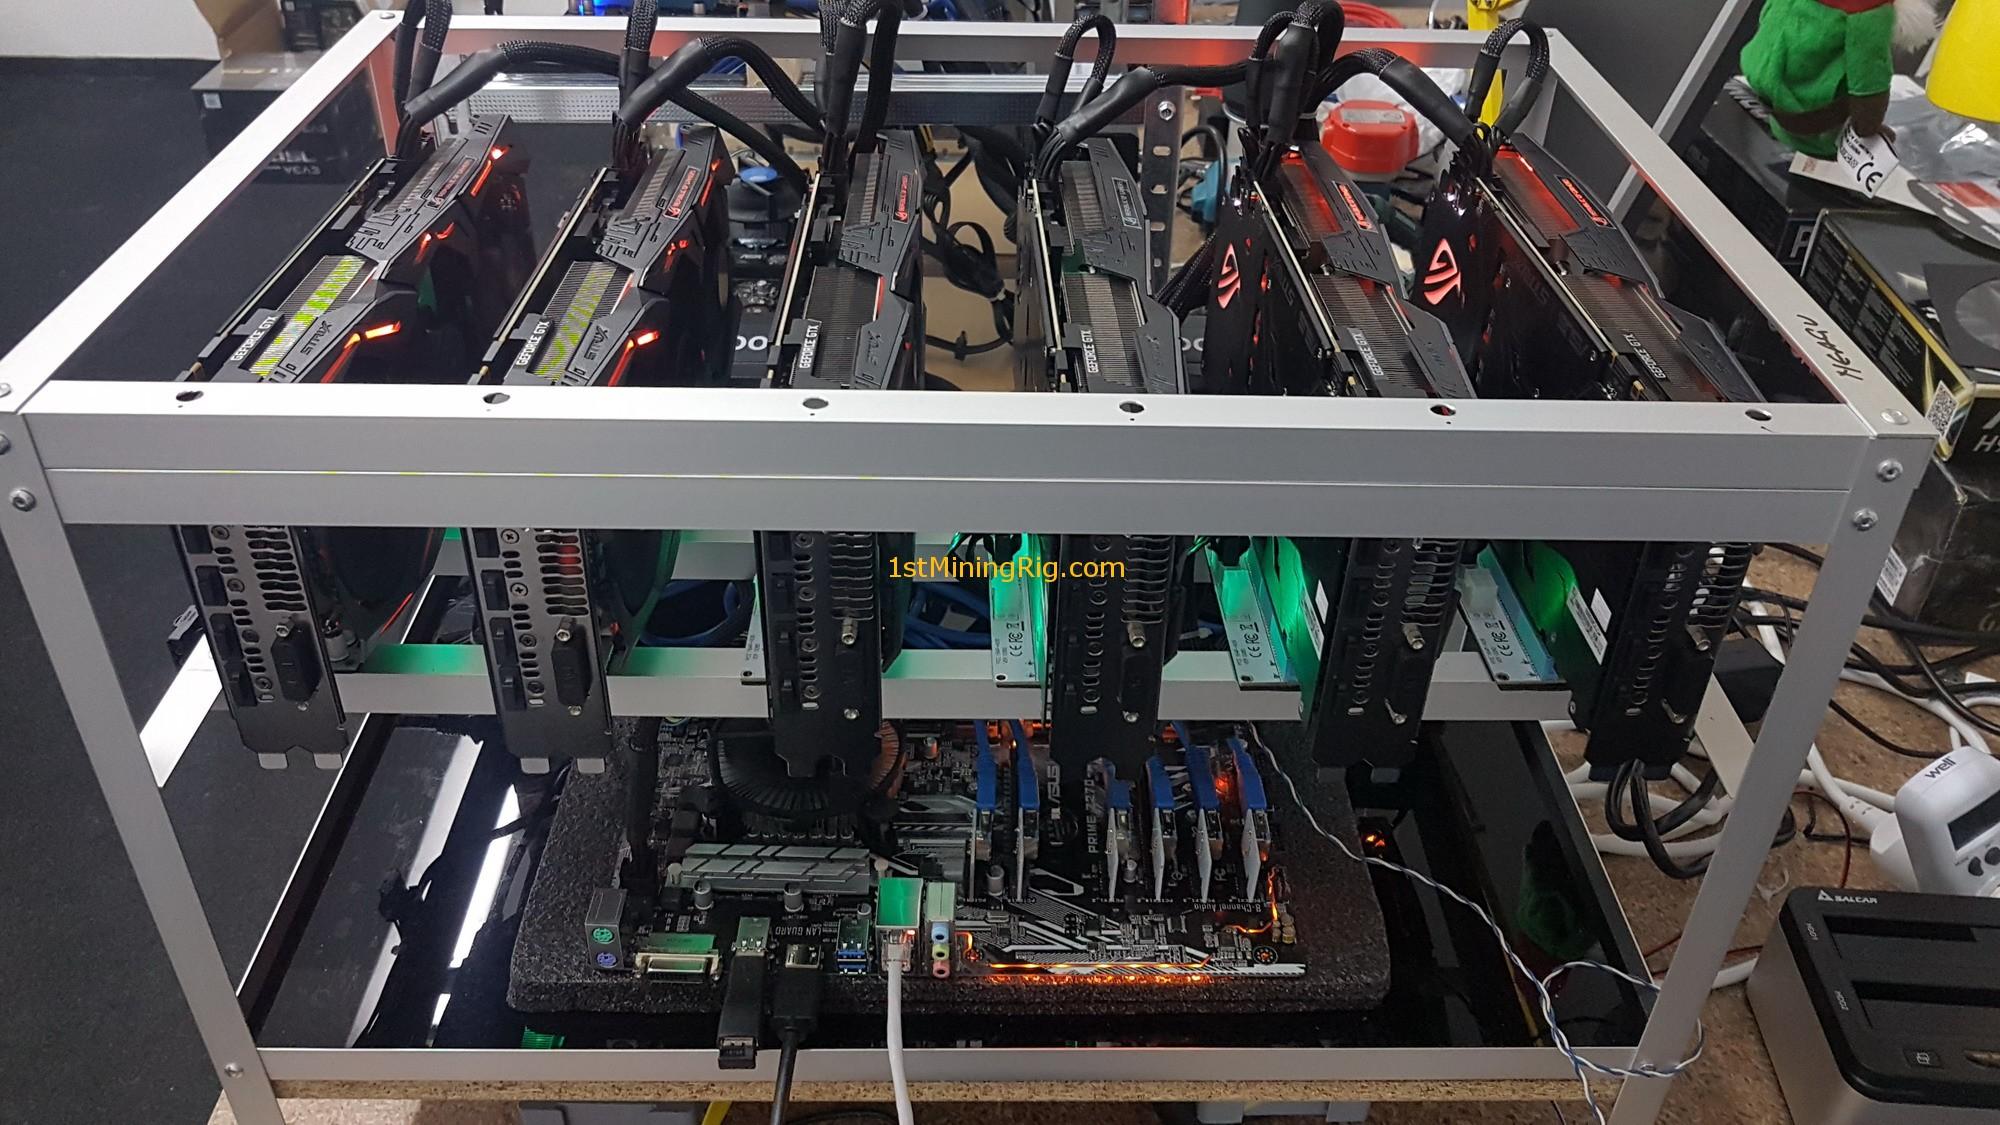 Nvidia Geforce Gtx 1080 Ti Mining Pcie X1 Gpu Mining – PROint